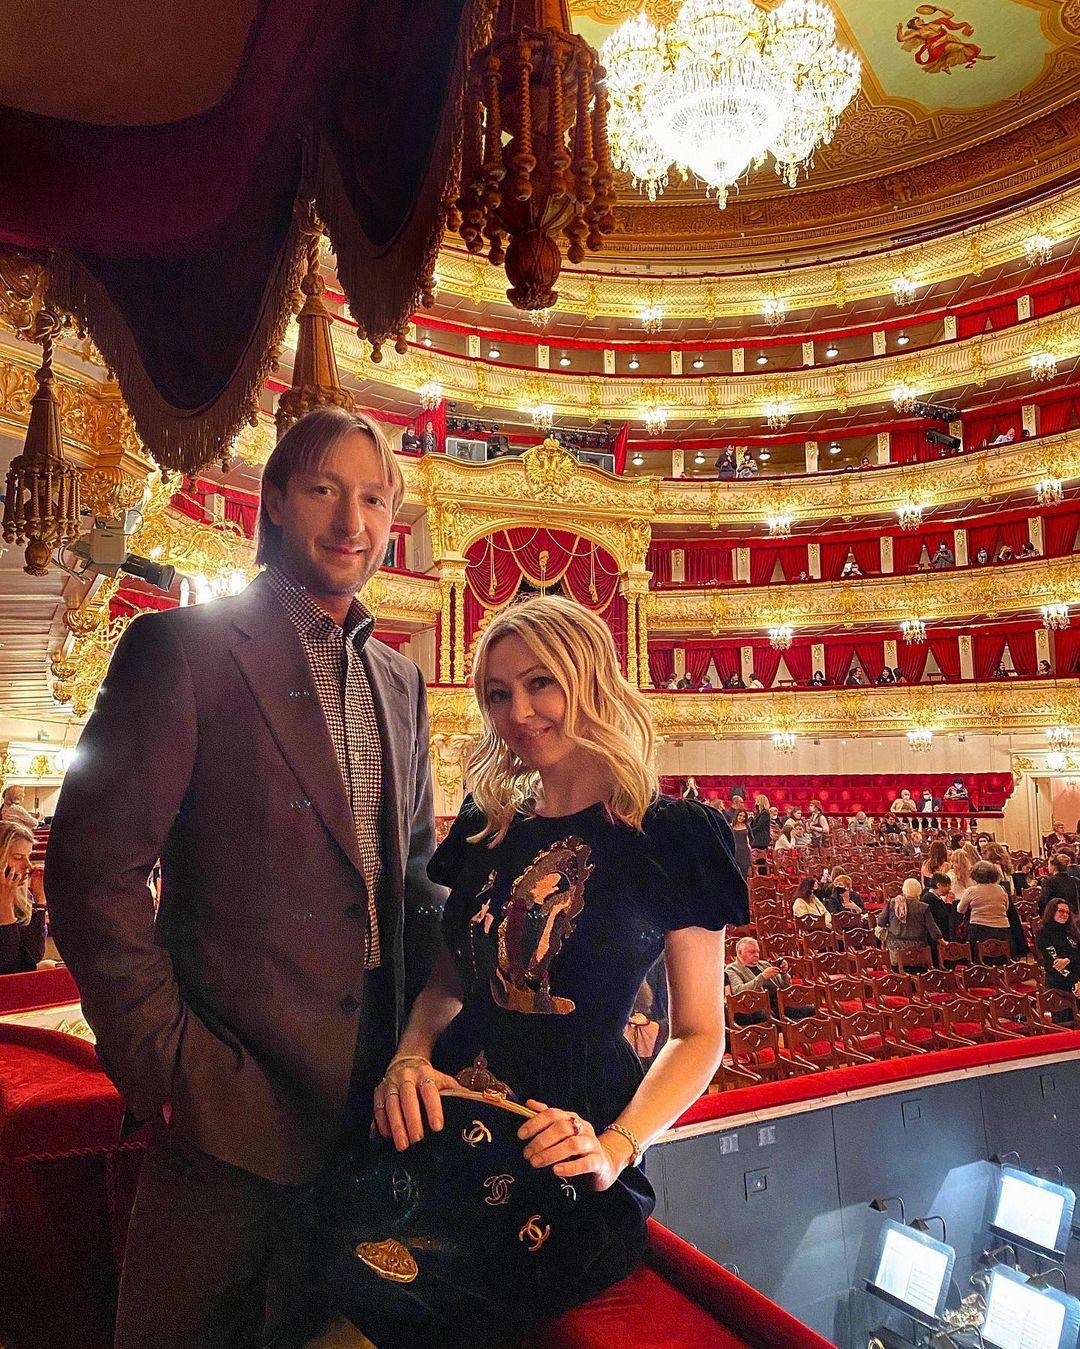 Яне Рудковской 46, а Евгению Плющенко 38, и они уже больше 10 лет доказывают, что возраст в паре не главное. Фото: @rudkovskayaofficial